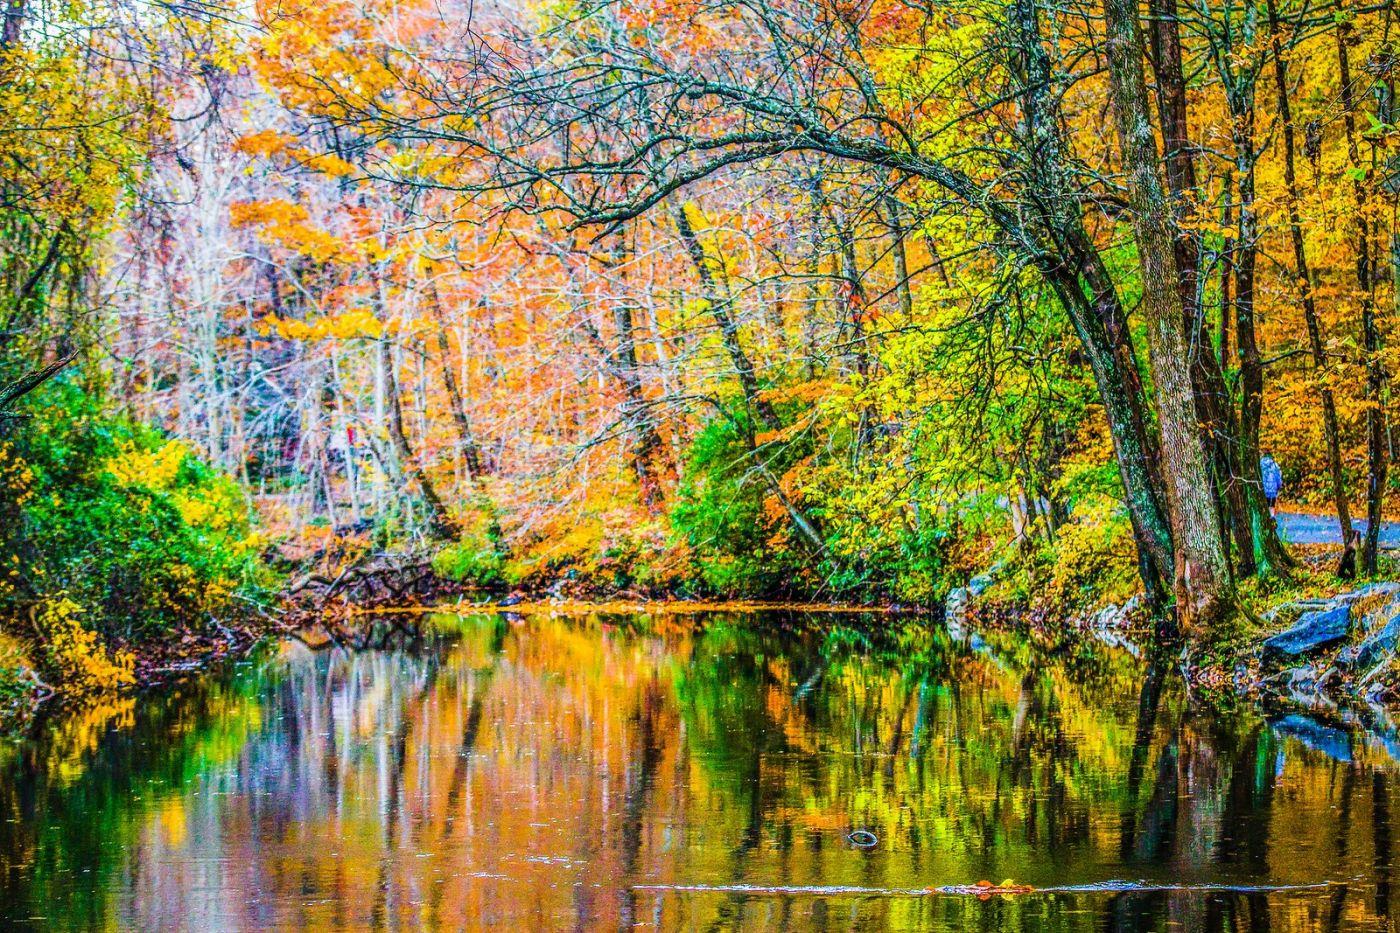 宾州雷德利克里克公园(Ridley creek park),如梦的画面_图1-30